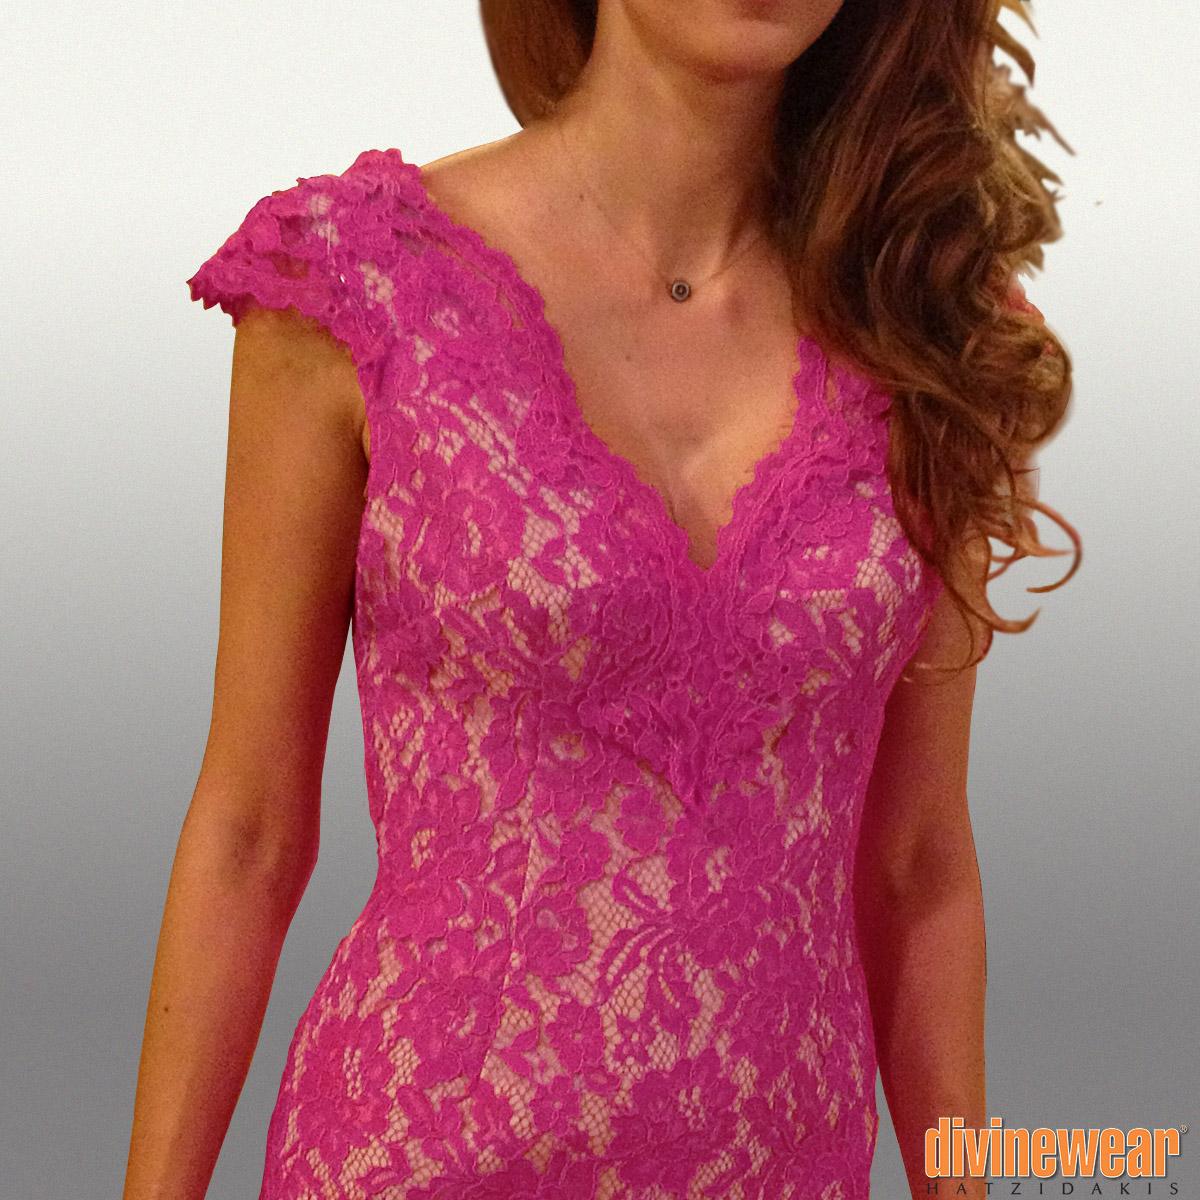 dw_red_dress02_f